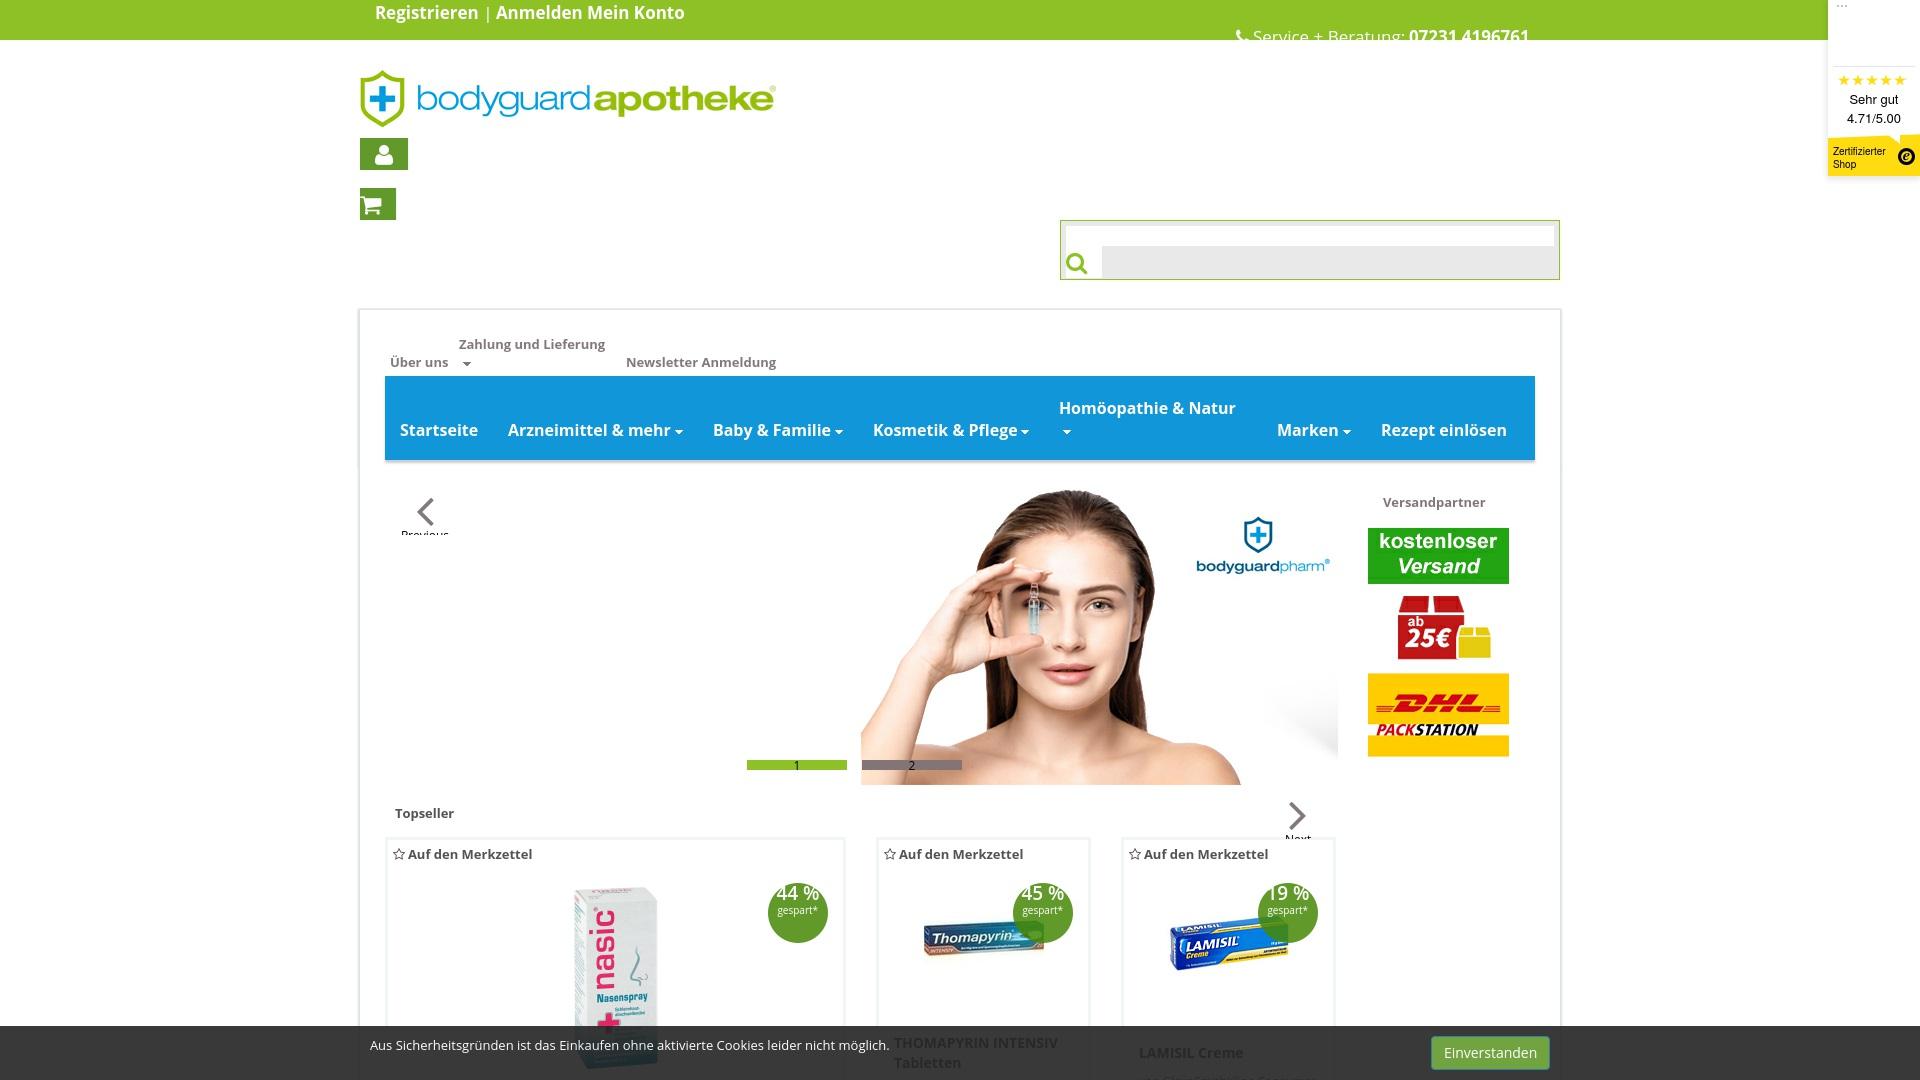 Gutschein für Bodyguardapotheke: Rabatte für  Bodyguardapotheke sichern